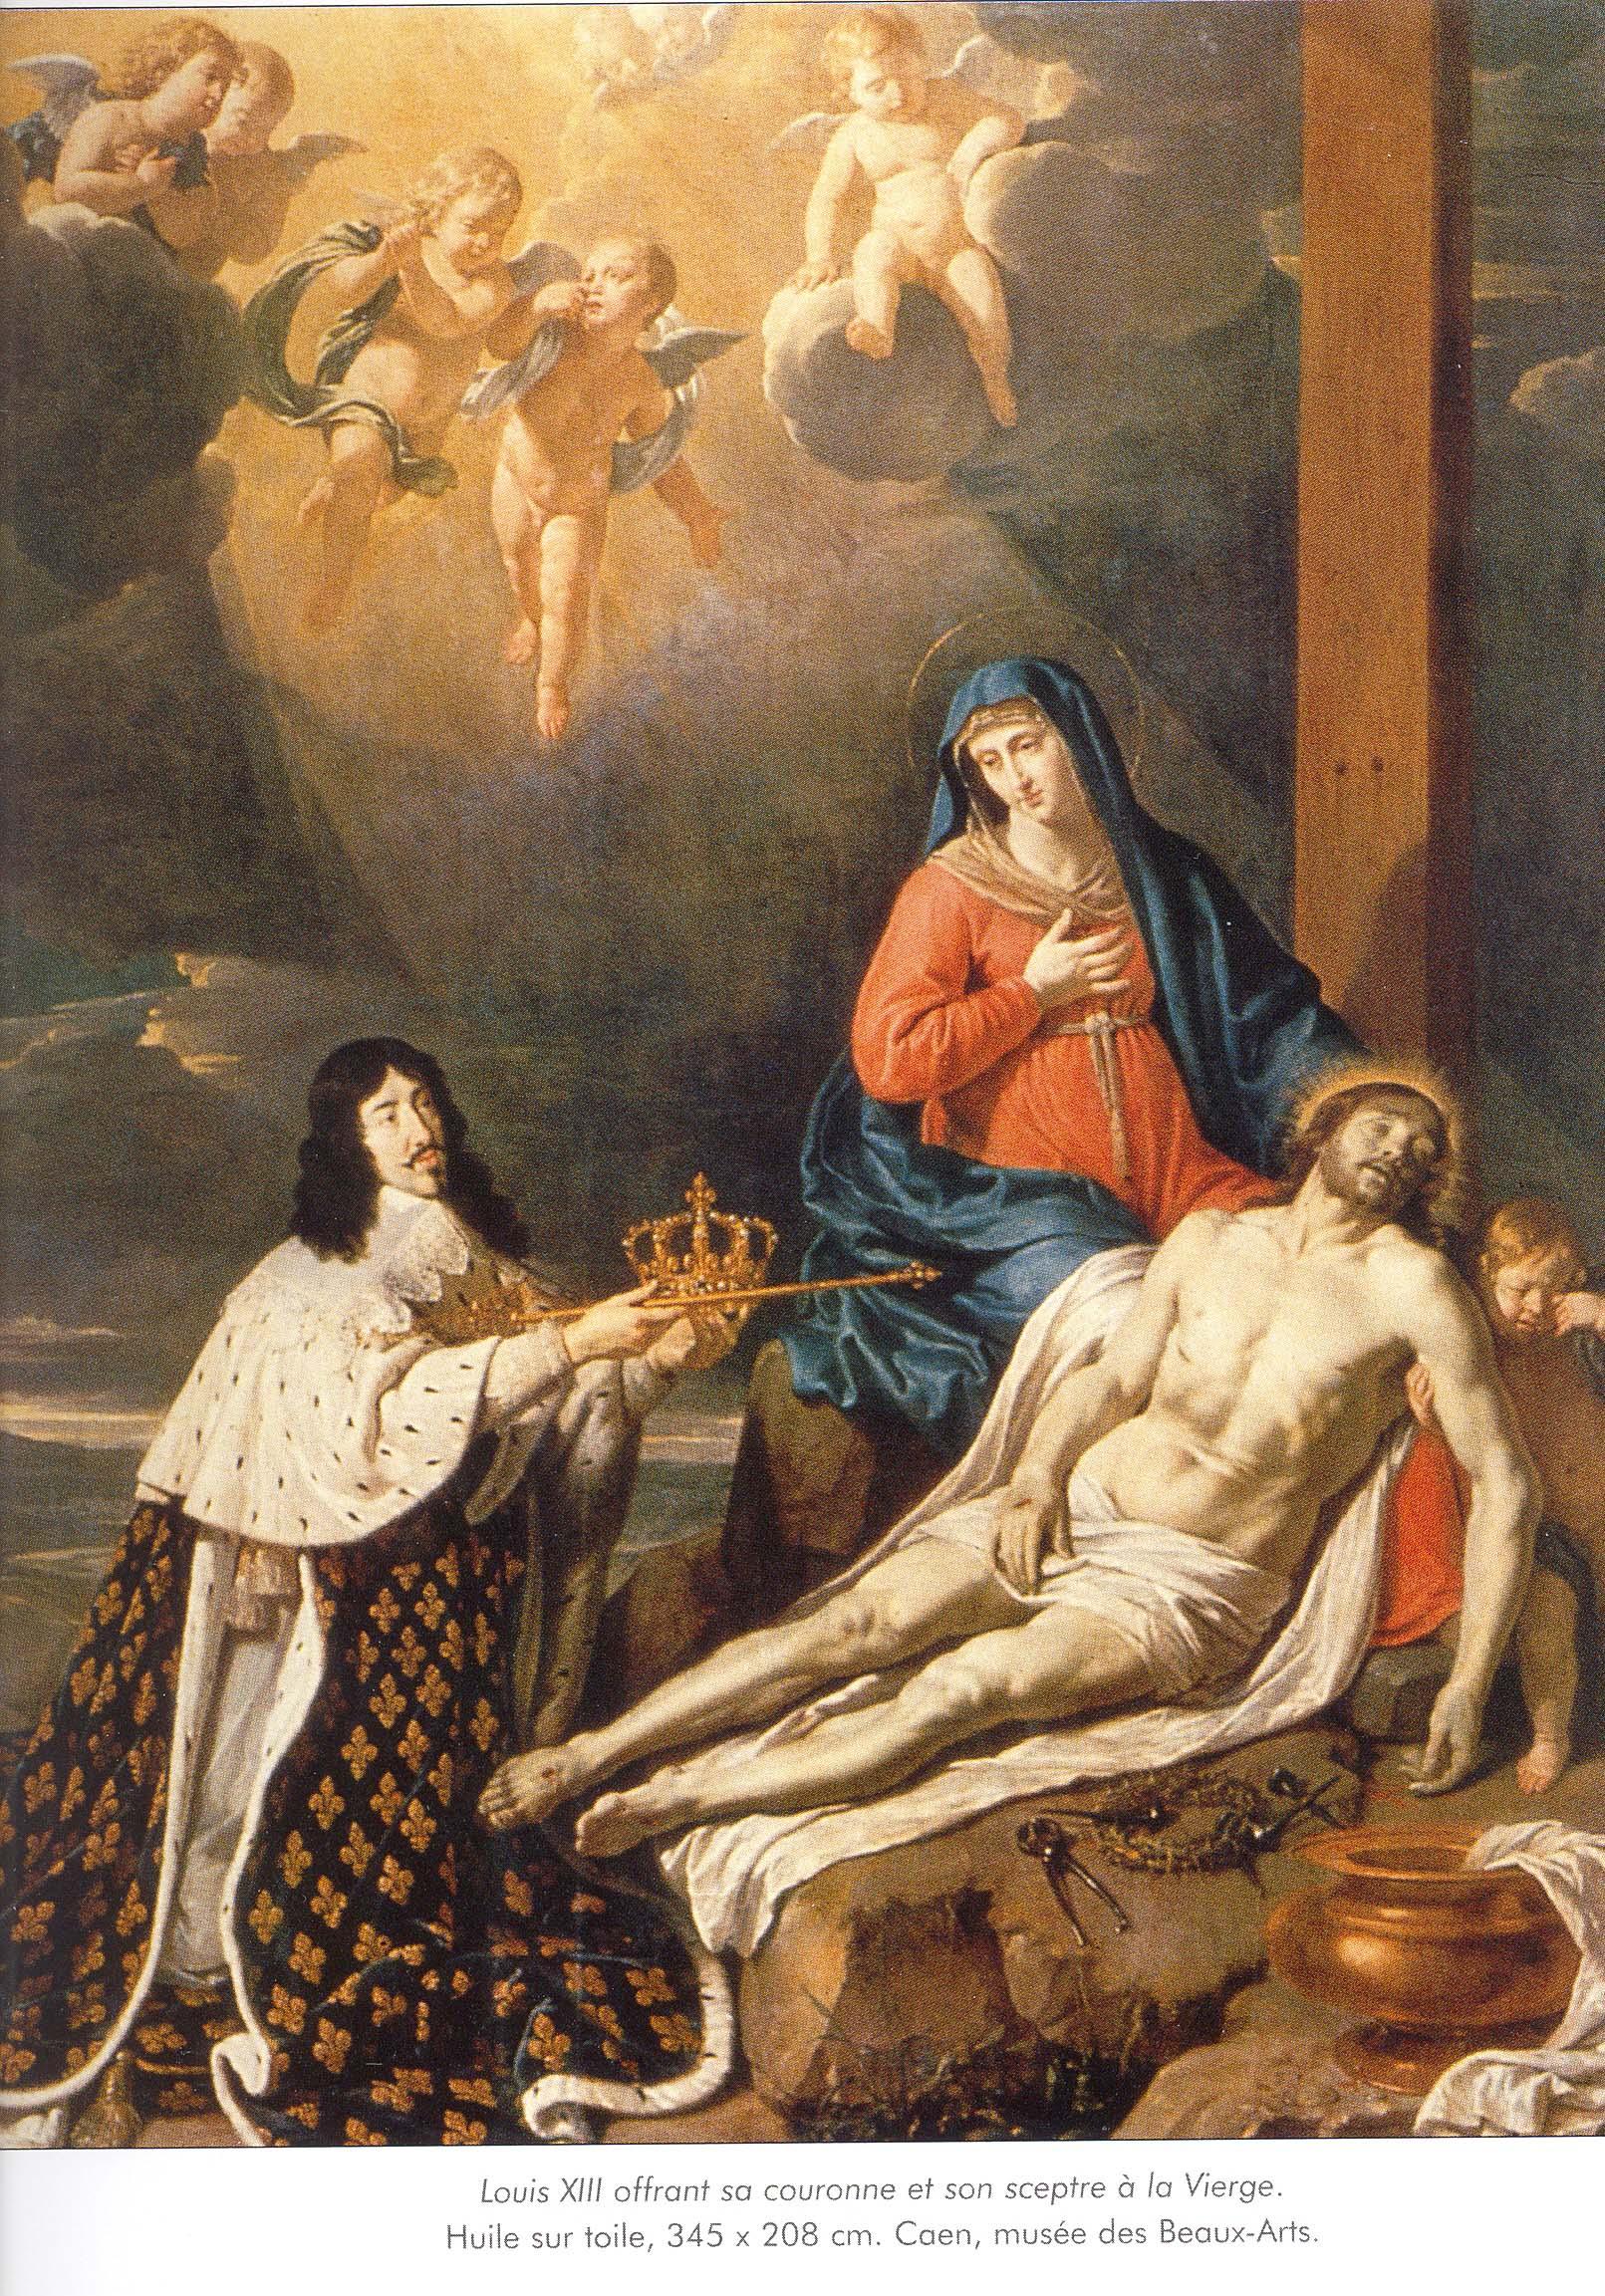 15 août 2016 - Louis XIII